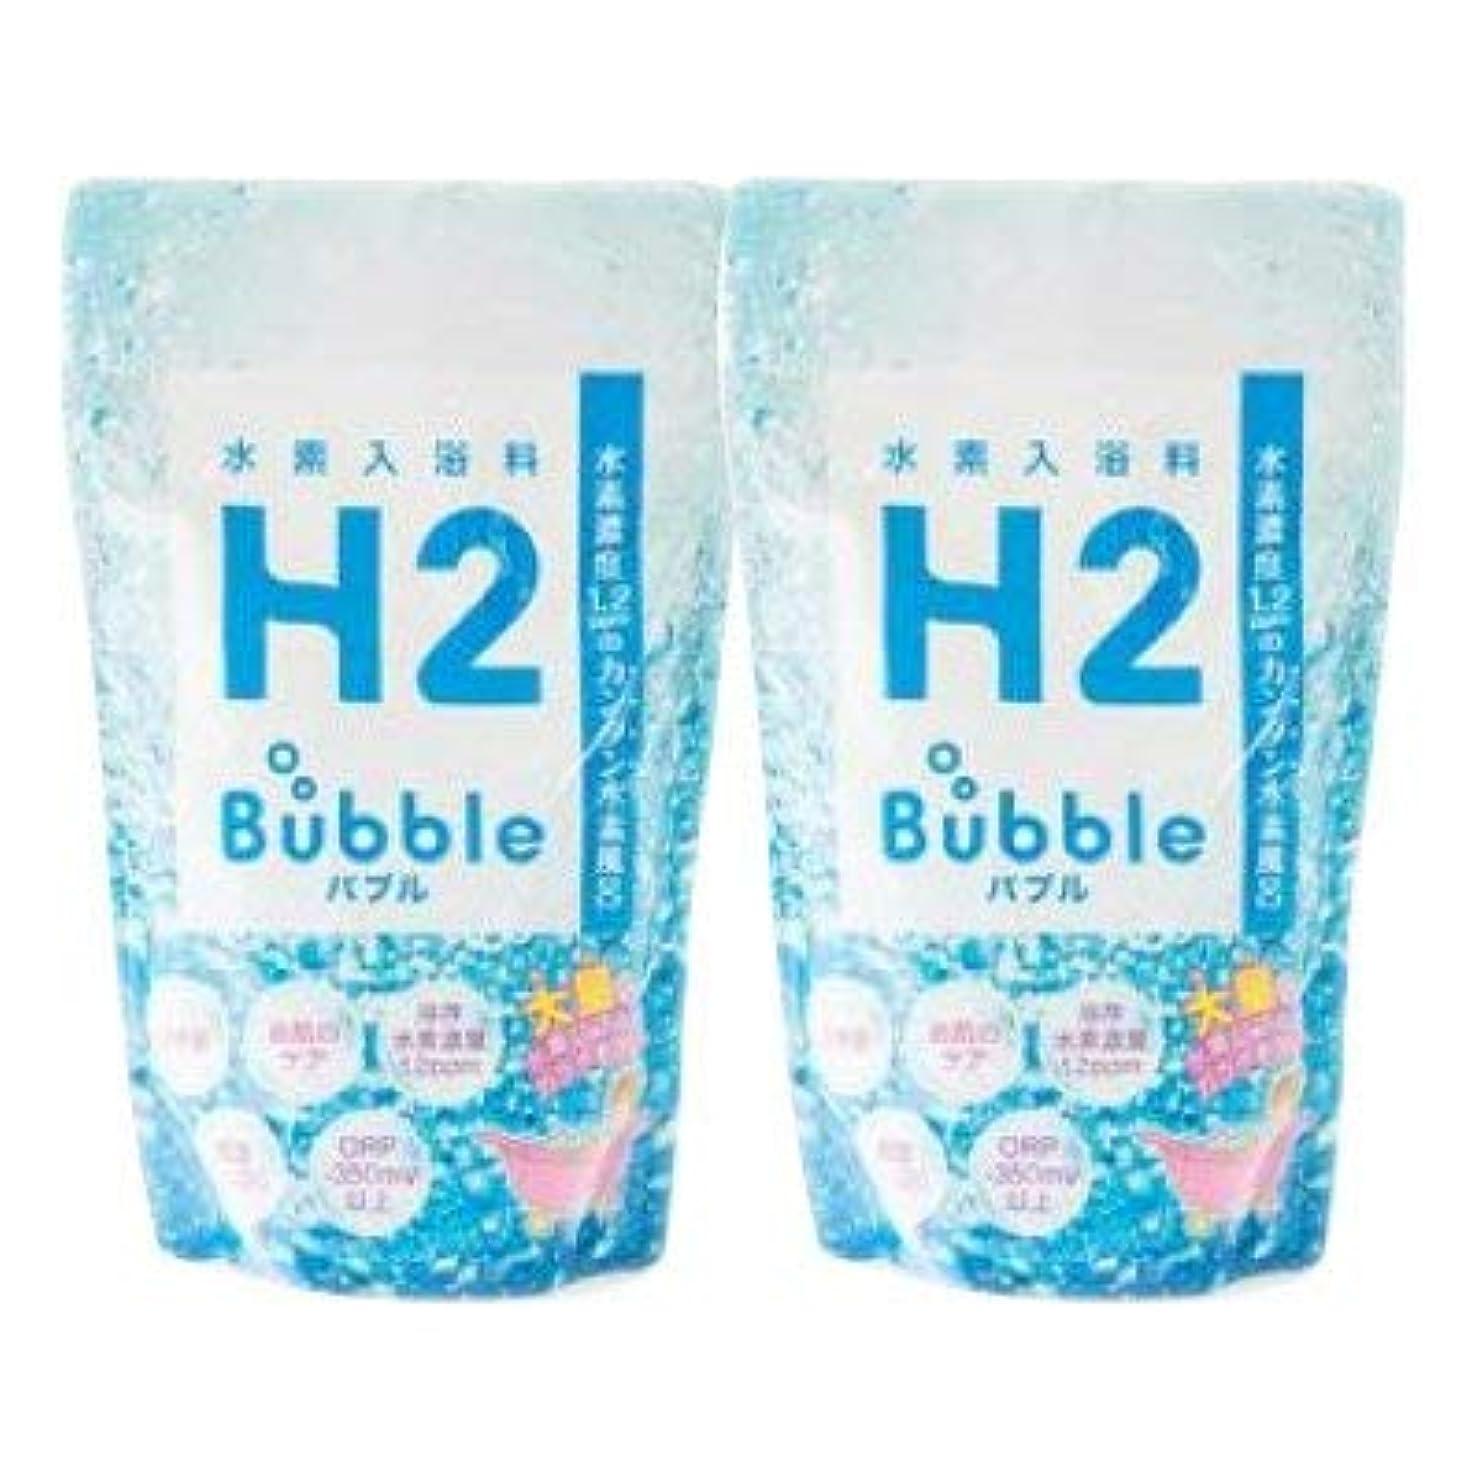 クラブペダルグループ水素 入浴剤 水素 風呂 水素バス【H2バブル h2bubble 700g(約1カ月分)×2袋セット】